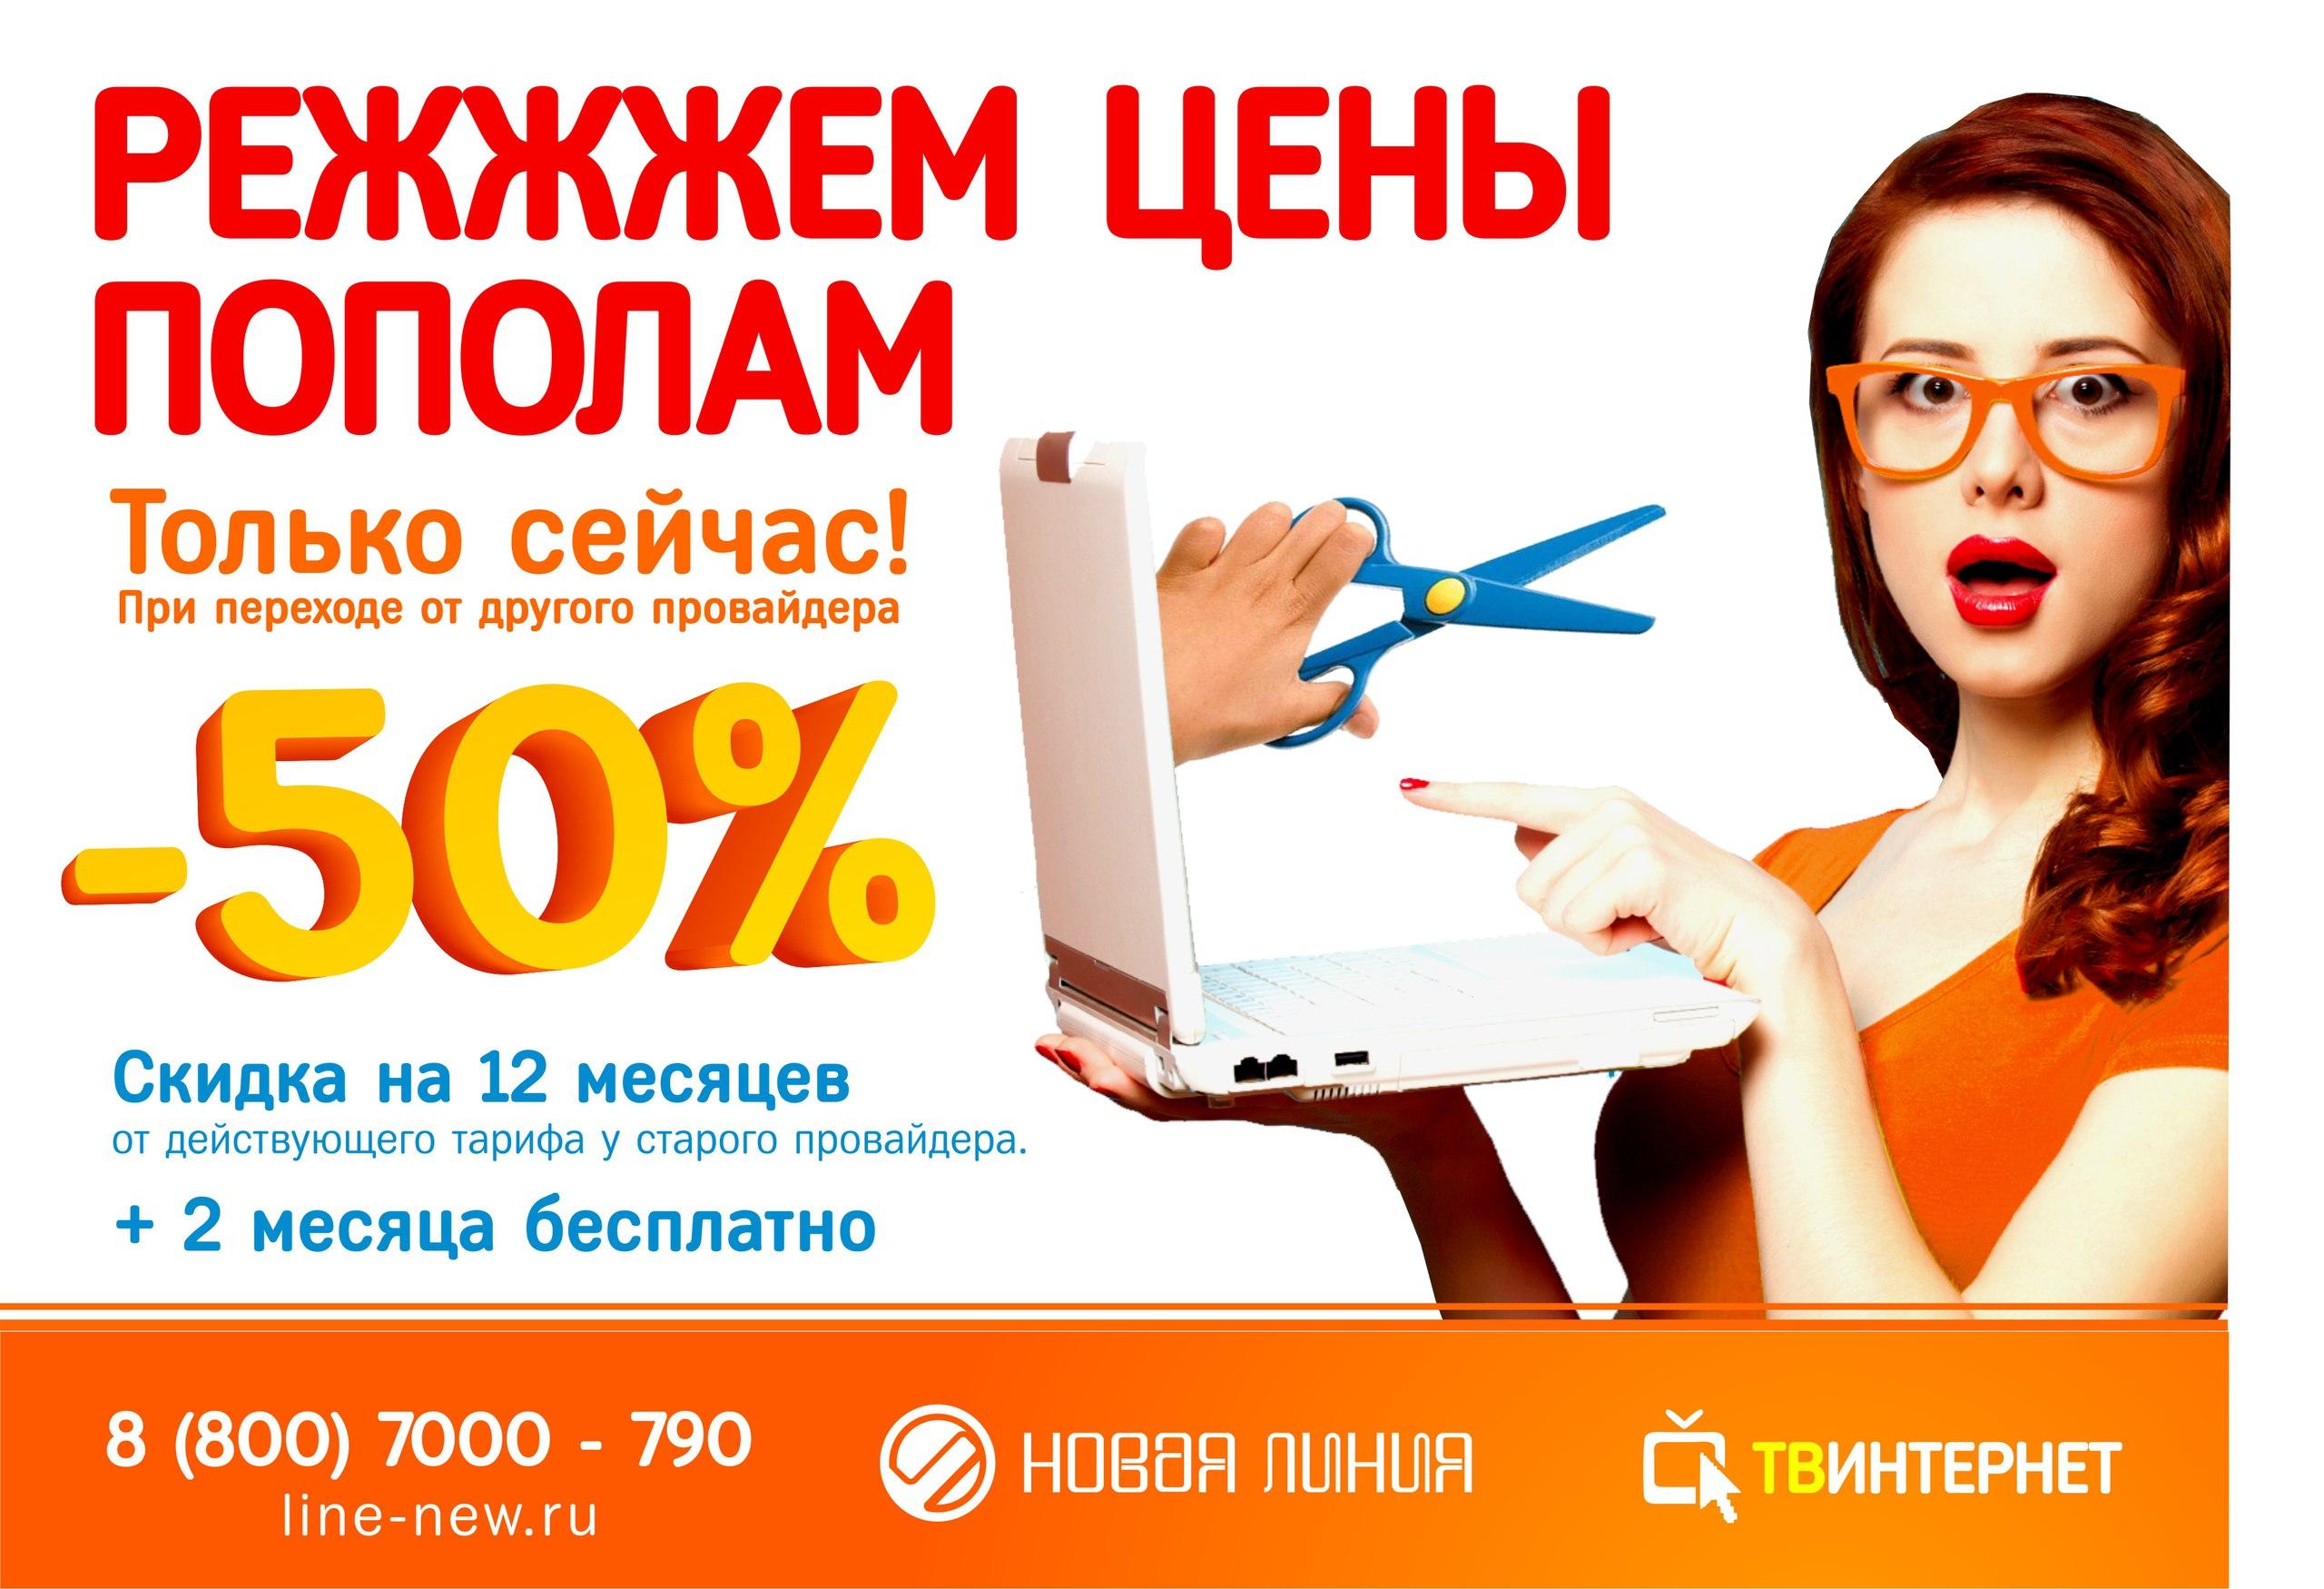 РЕЖЖЖЕМ ЦЕНЫ ПОПОЛАМ - 50%